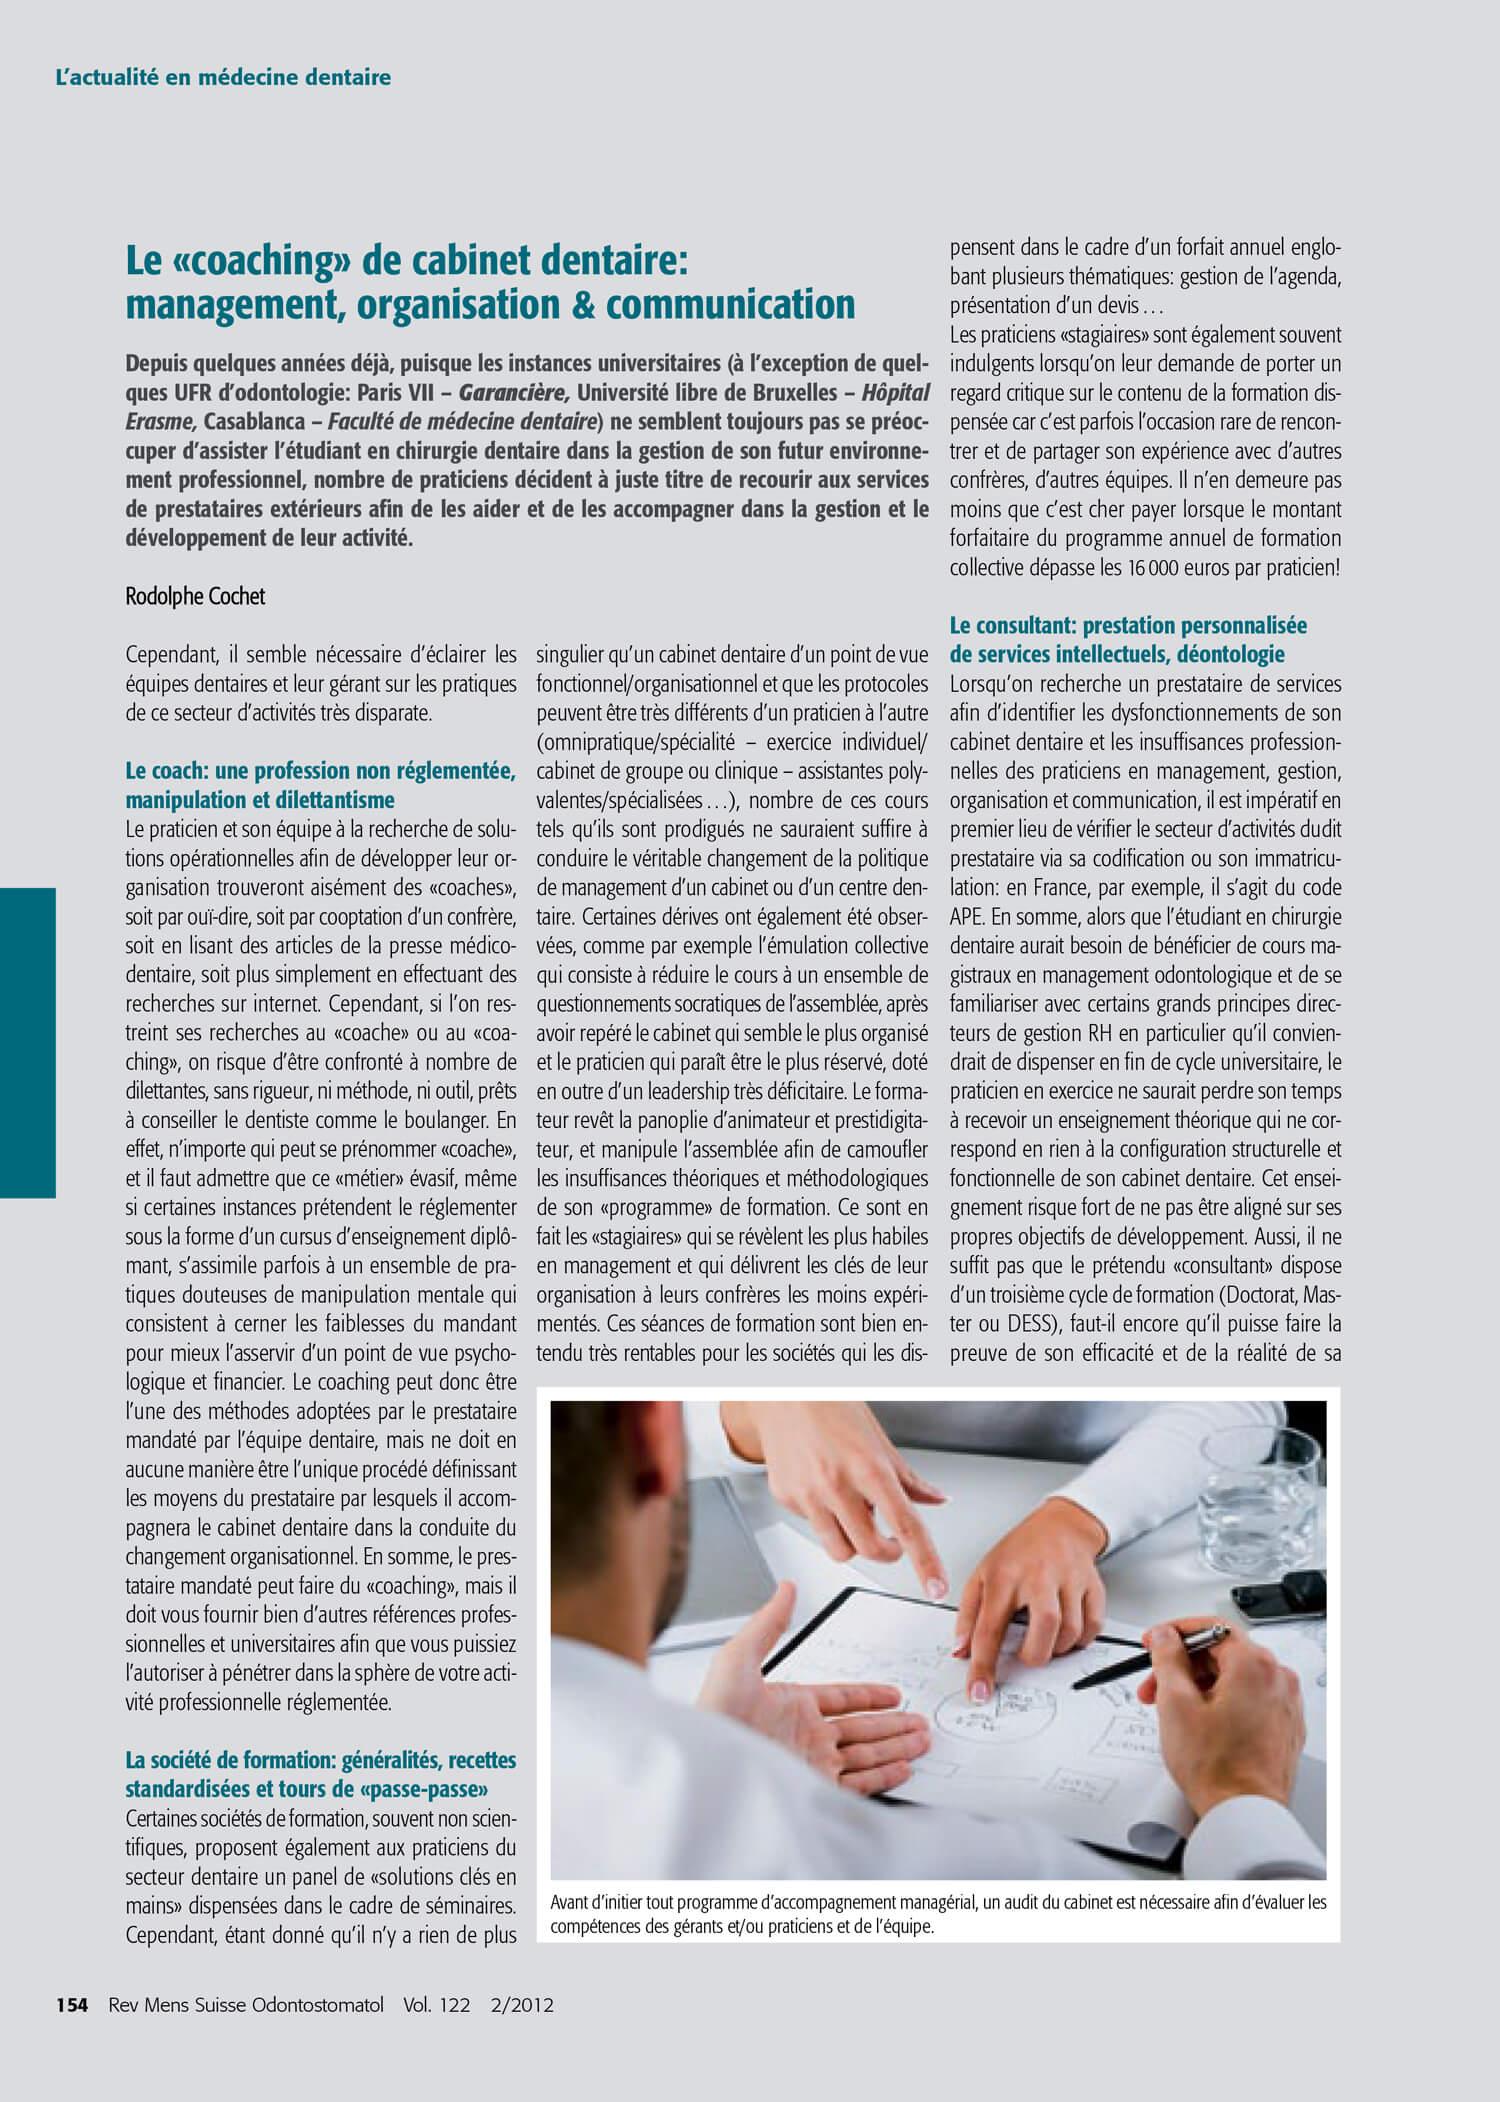 Le-coaching-de-cabinet-dentaire-Rodolphe-Cochet-Revue-Suisse-odontologie-management.jpg